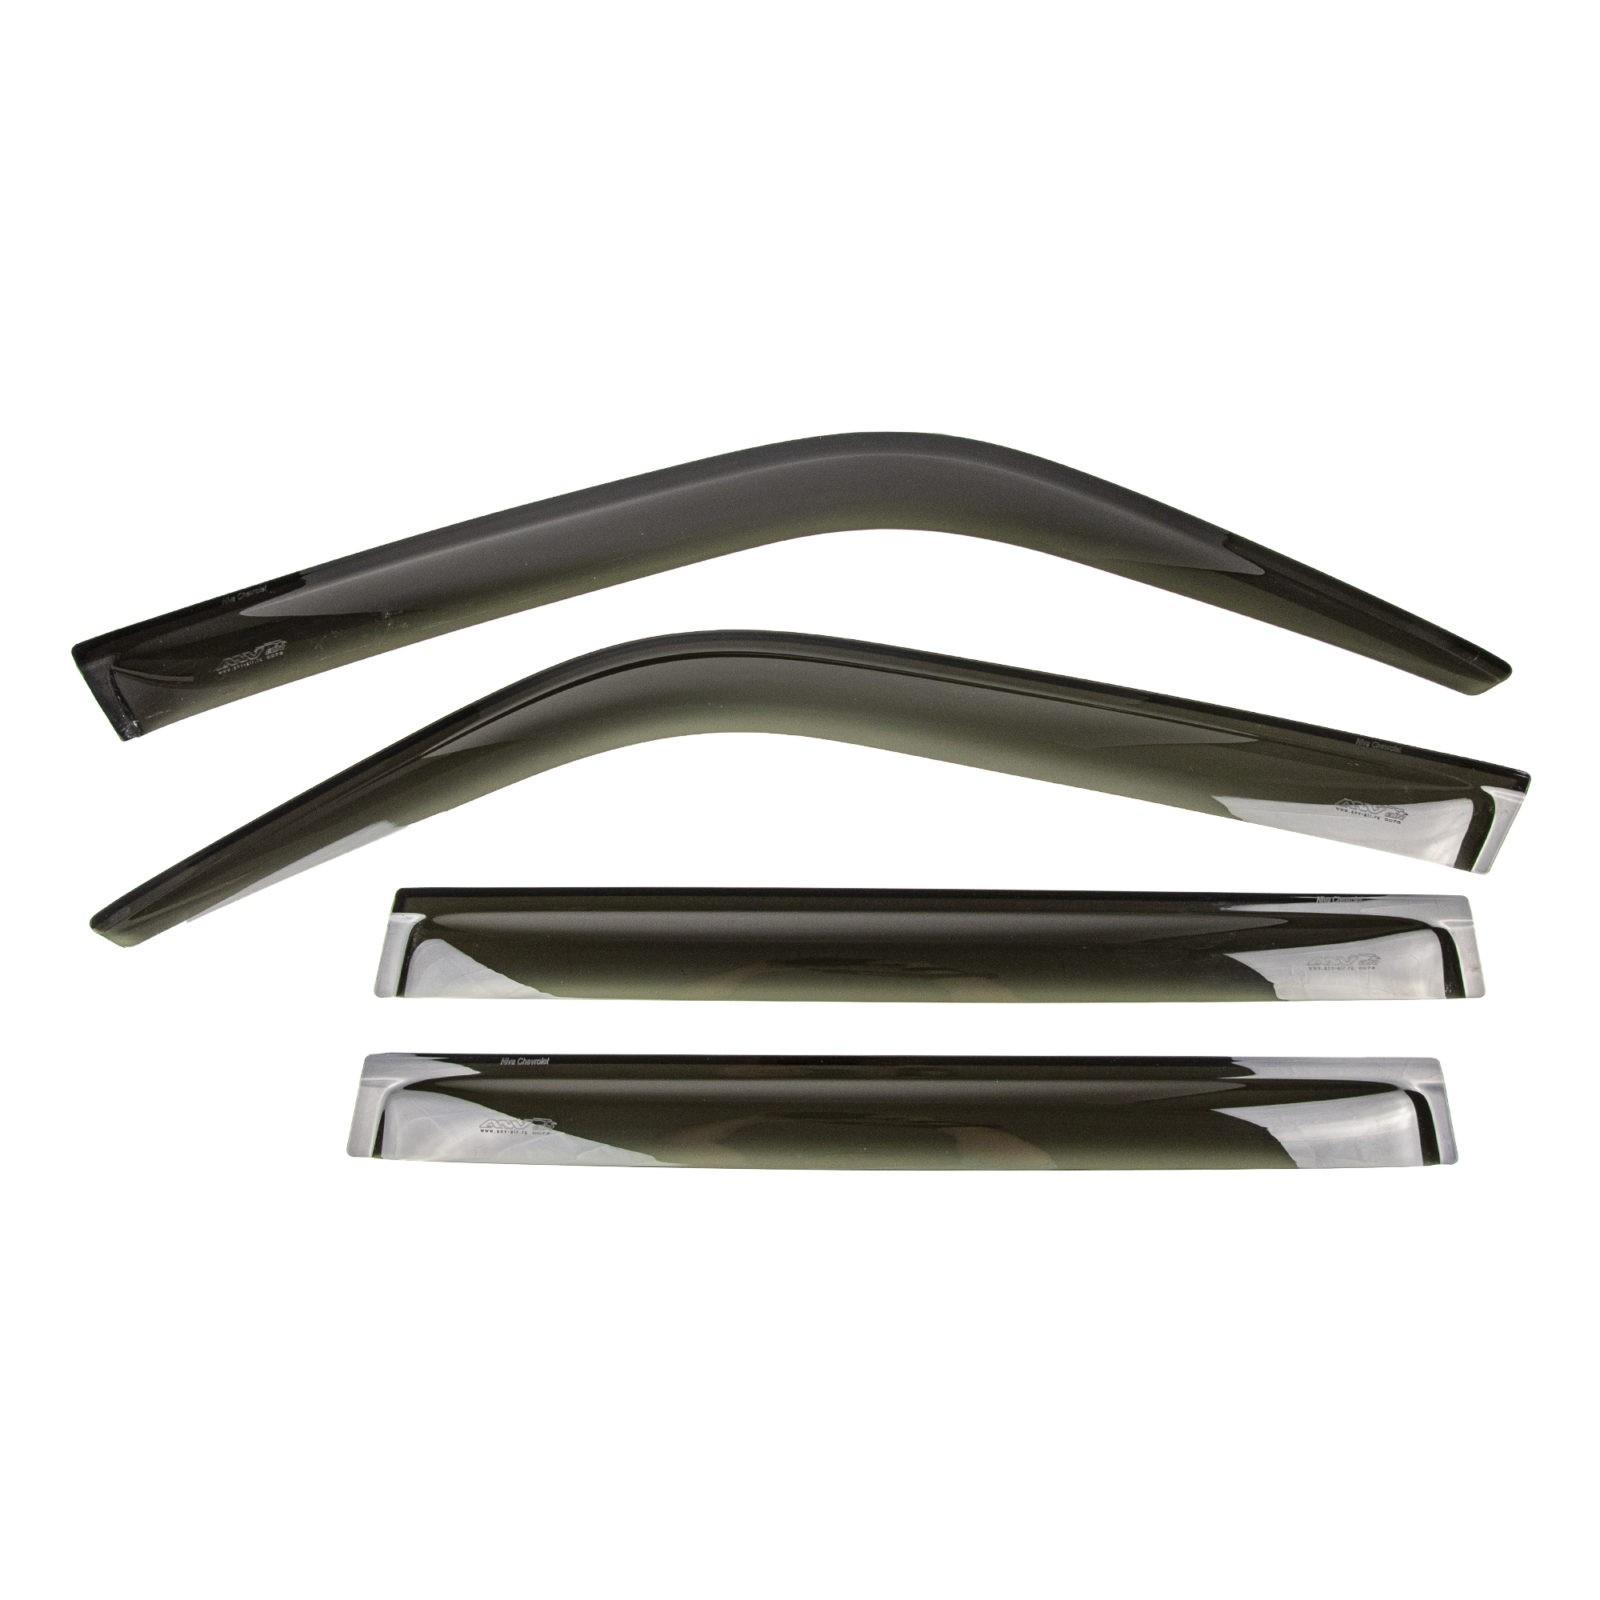 Дефлекторы боковых стекол (ветровики) ANV air для LADA Niva с 2002 г.в.